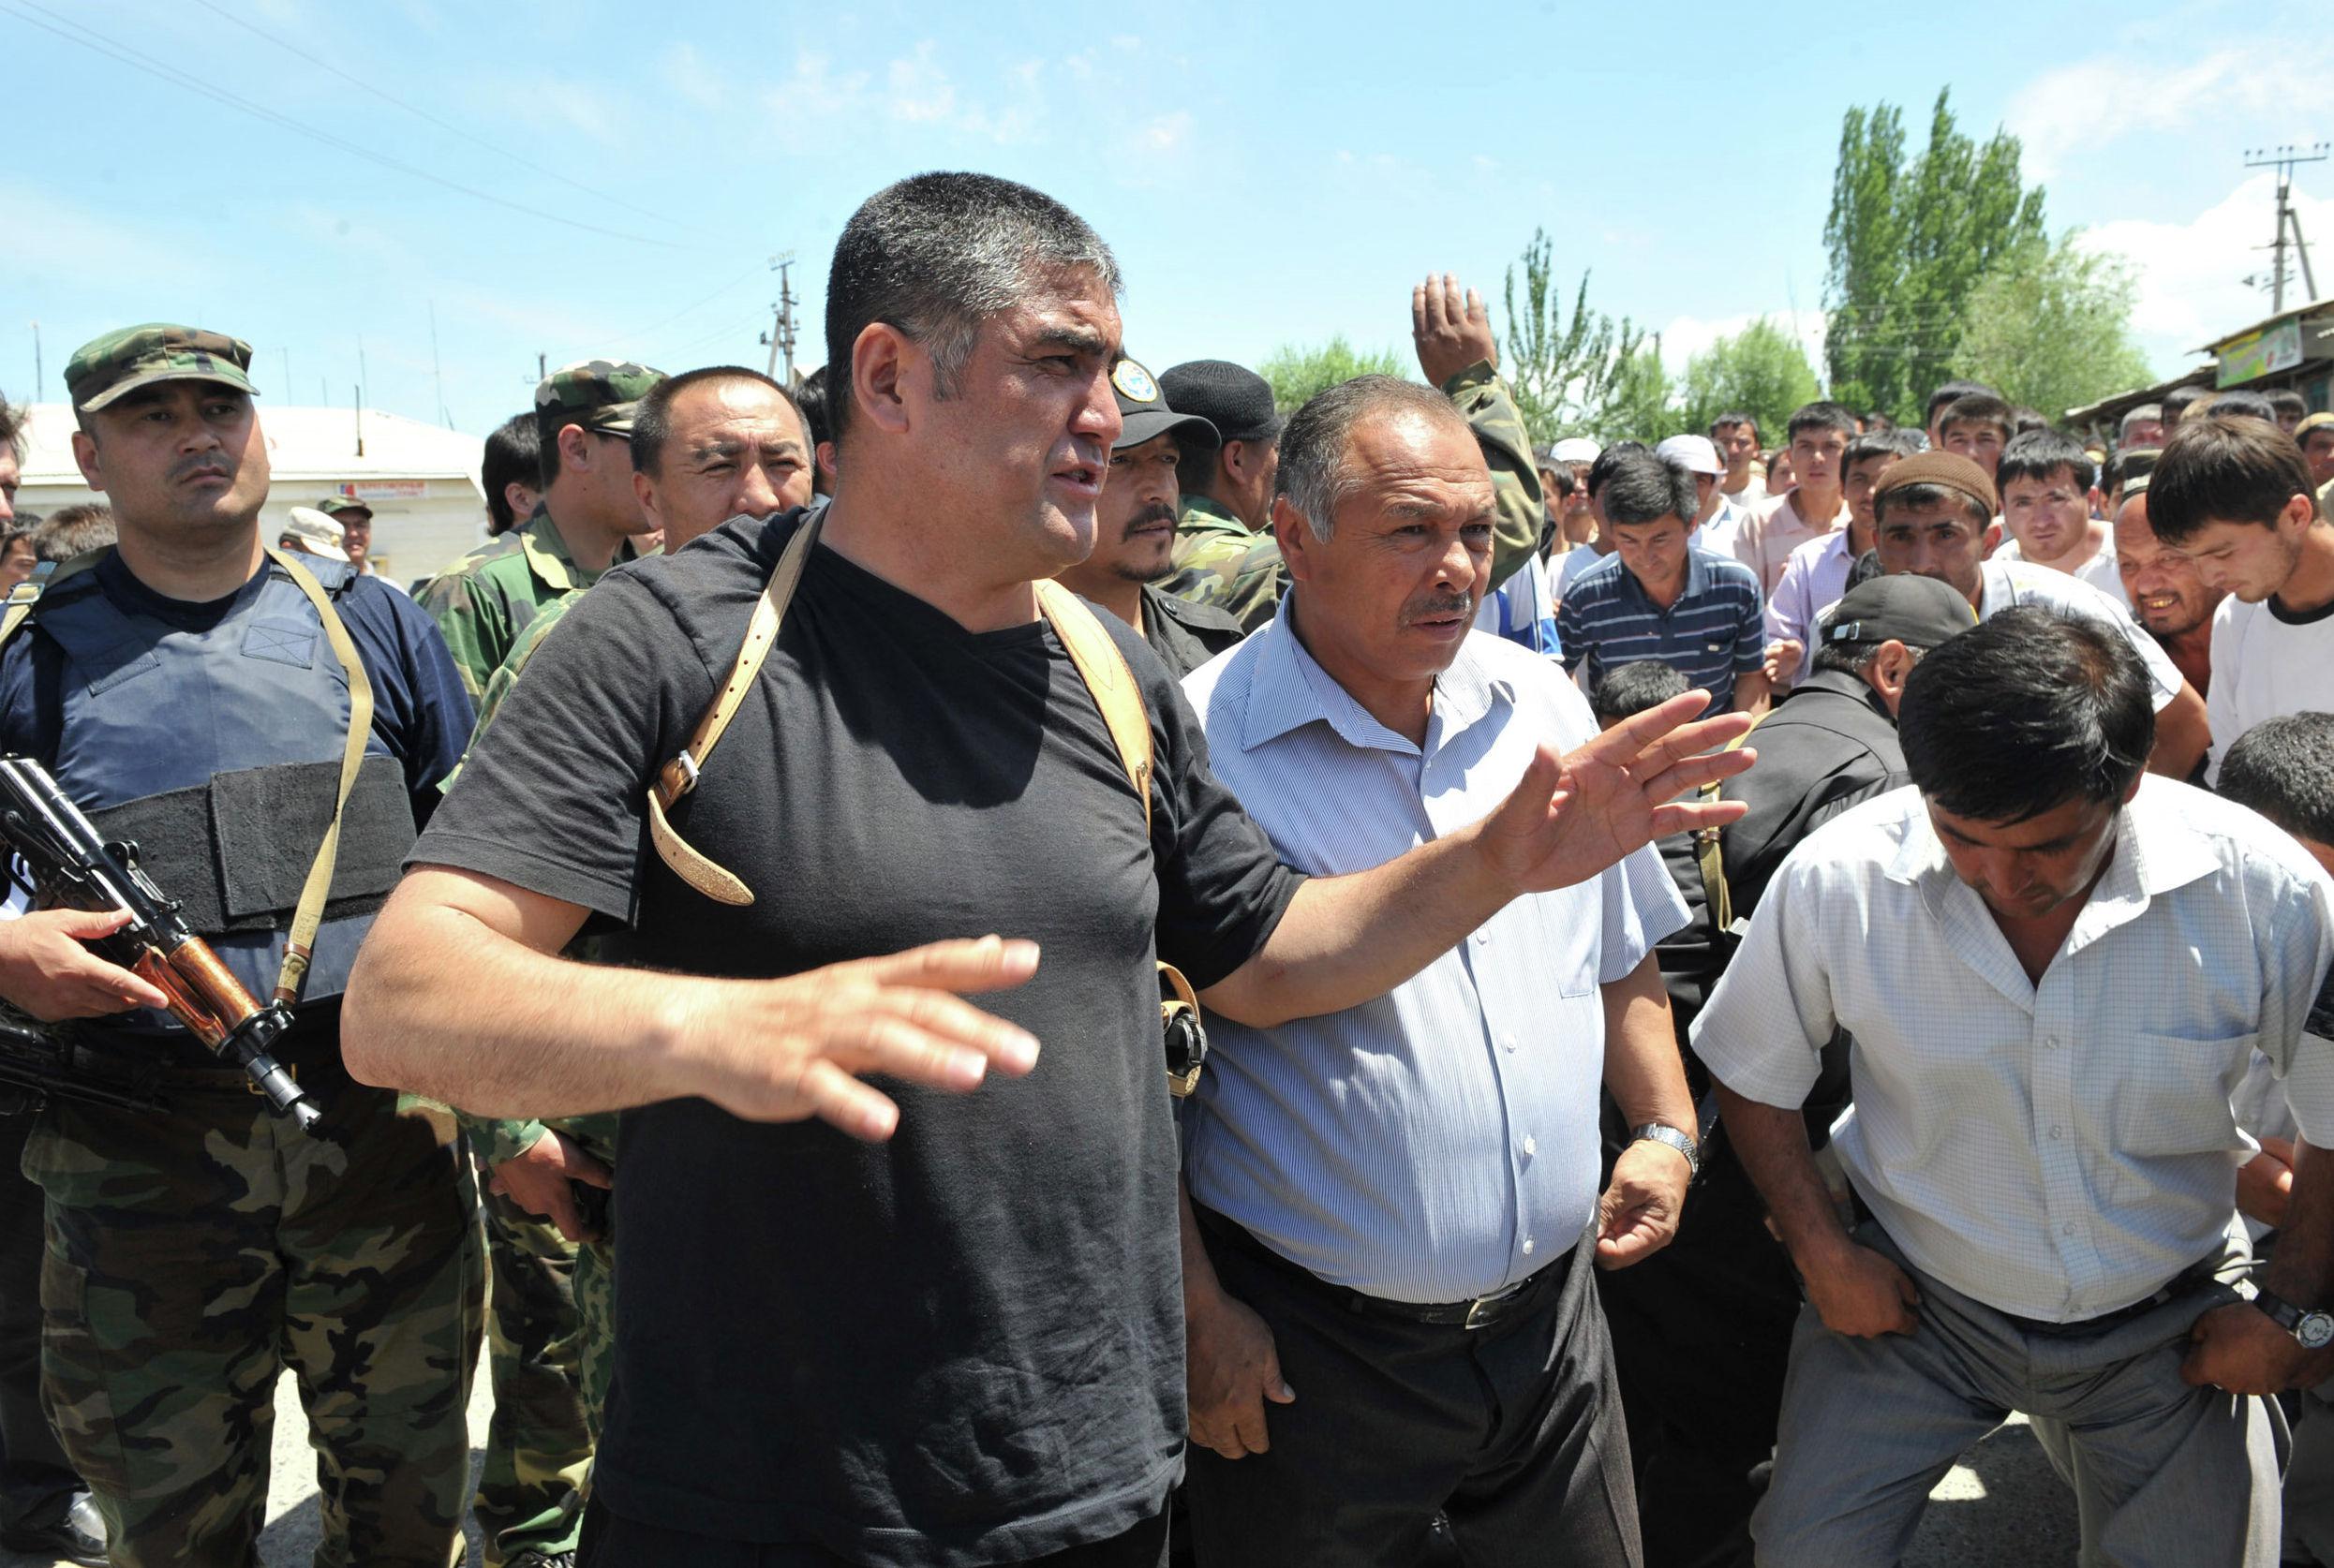 Глава местной полиции, полковник Курсан Асанов, в ходе мирных переговоров попросил этнических узбеков снести баррикады